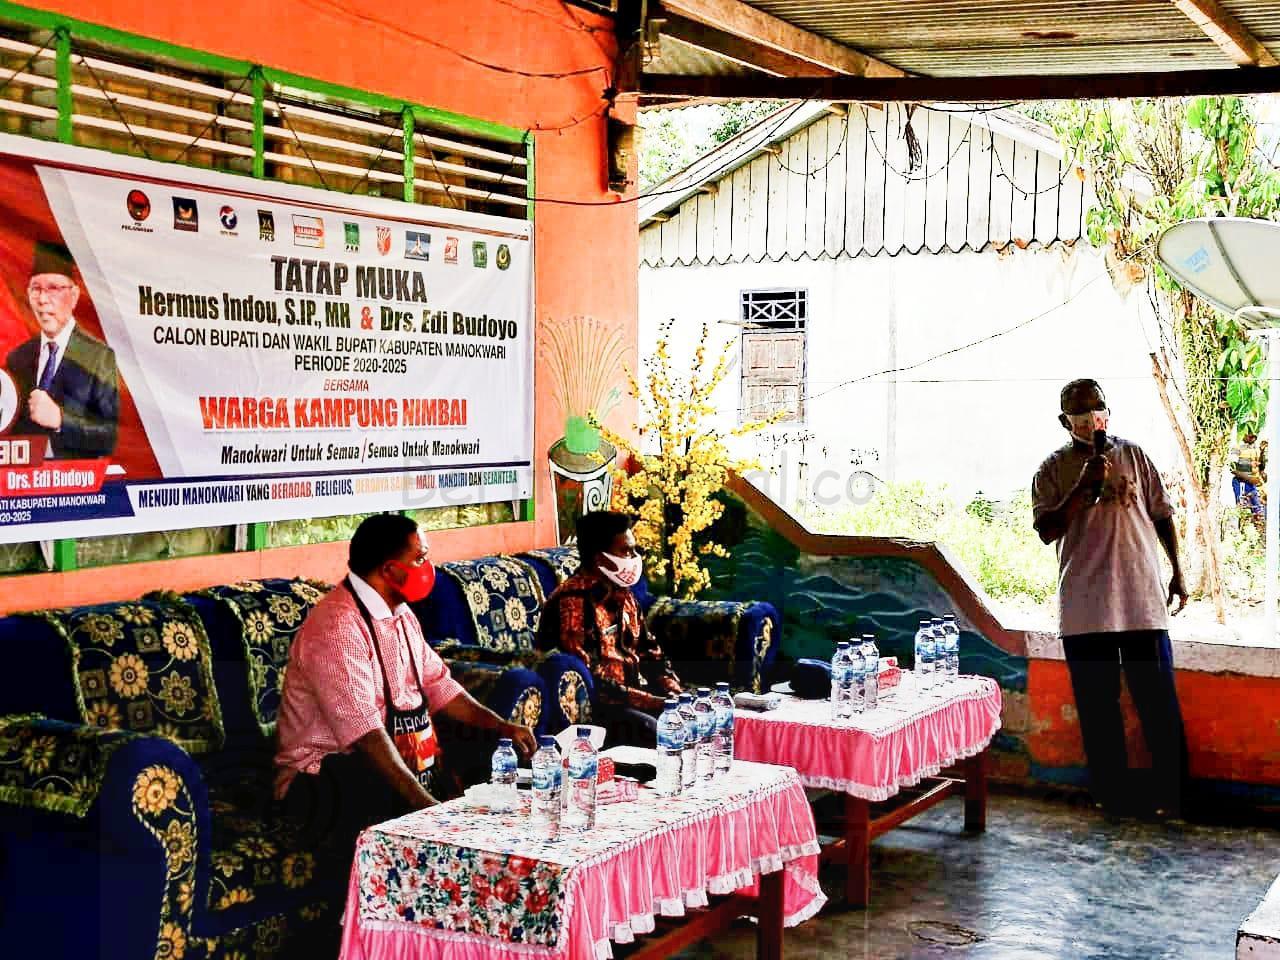 Hermus Indou: Pilih Paslon Membangun Masyarakat, Bukan Janji Dan Rupiah 18 IMG 20201031 WA0028 1